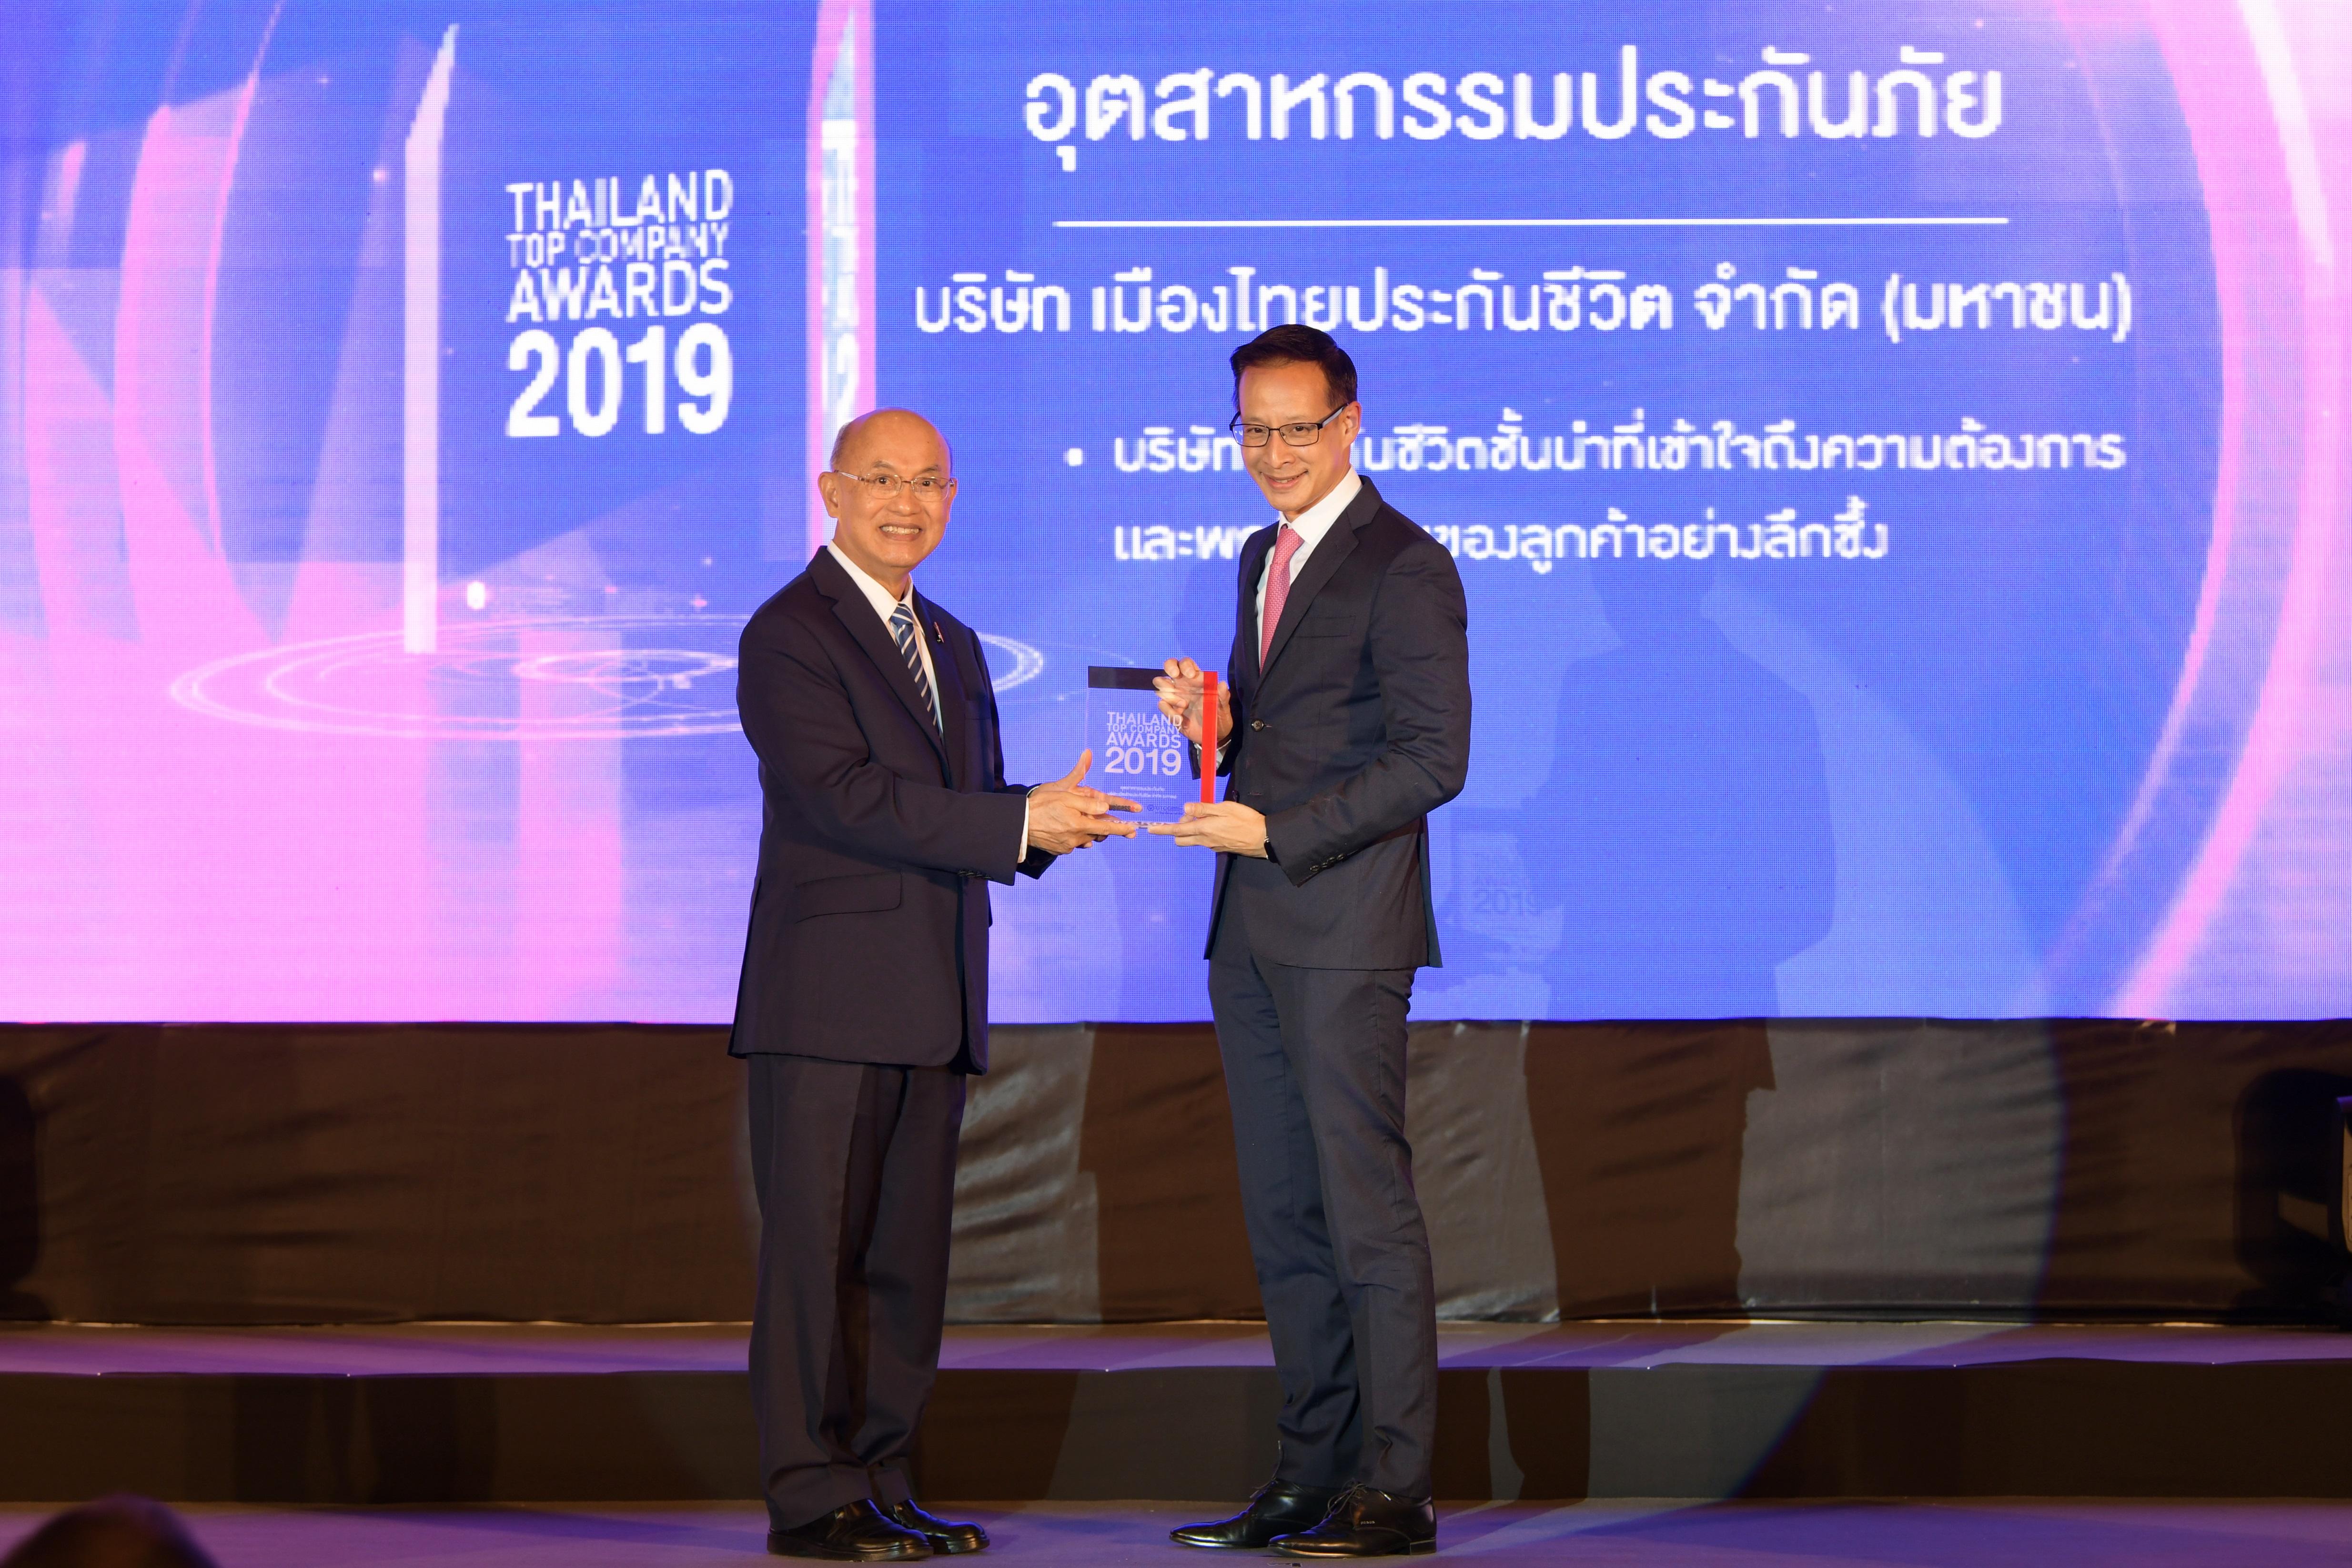 """เมืองไทยประกันชีวิต รับรางวัล """"Thailand Top Company Awards 2019 ประเภท """"อุตสาหกรรมประกันภัย"""""""